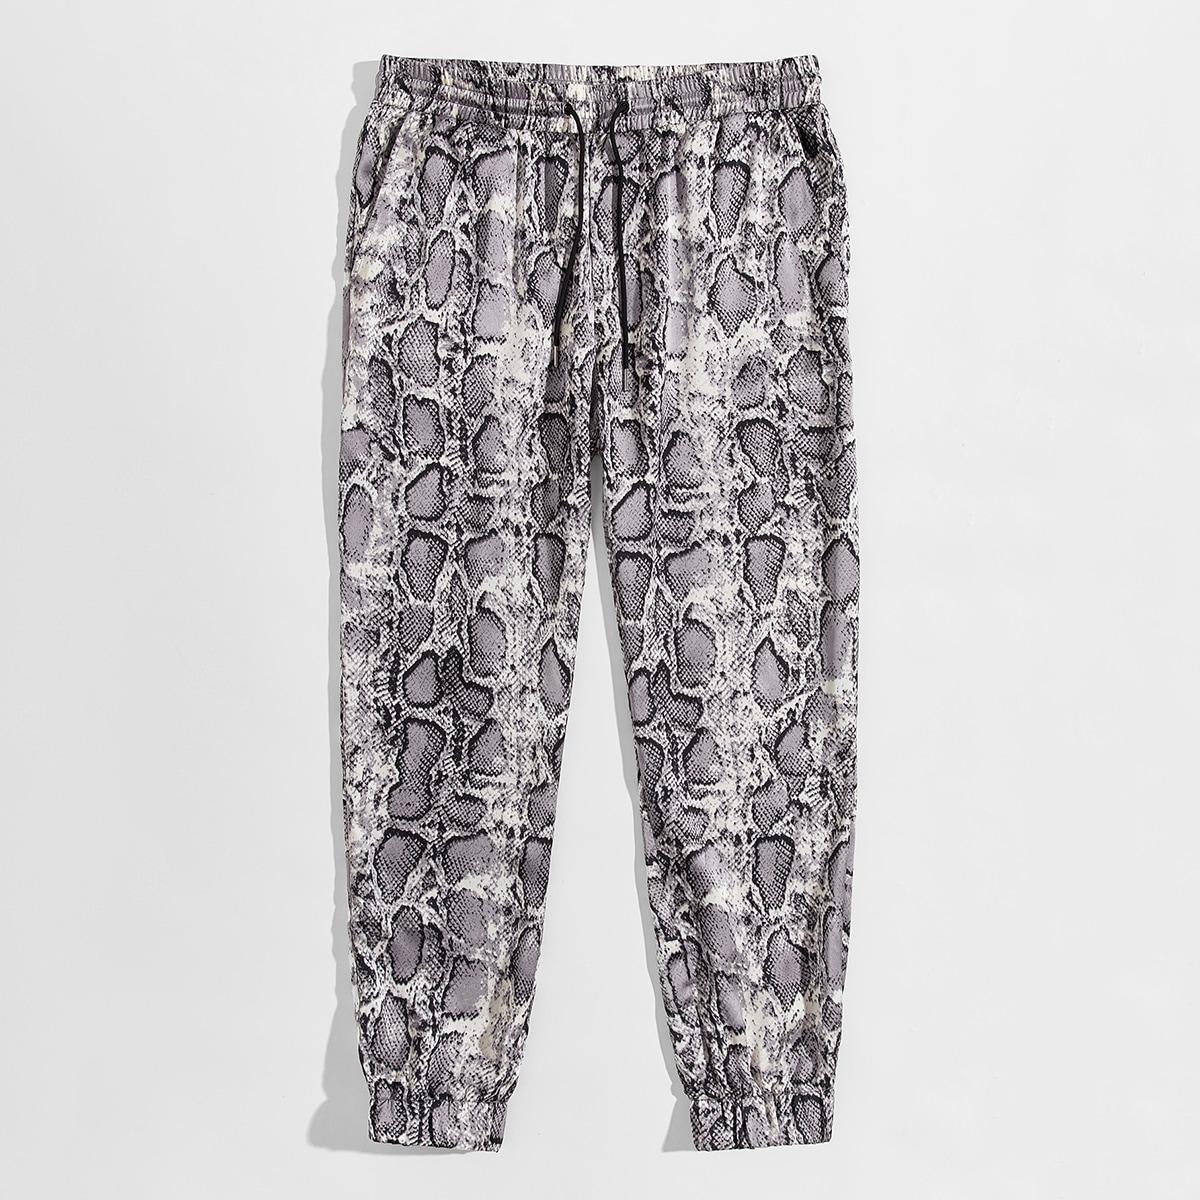 SHEIN / Pantalones de hombres con estampado de piel de serpiente de cintura con cordón